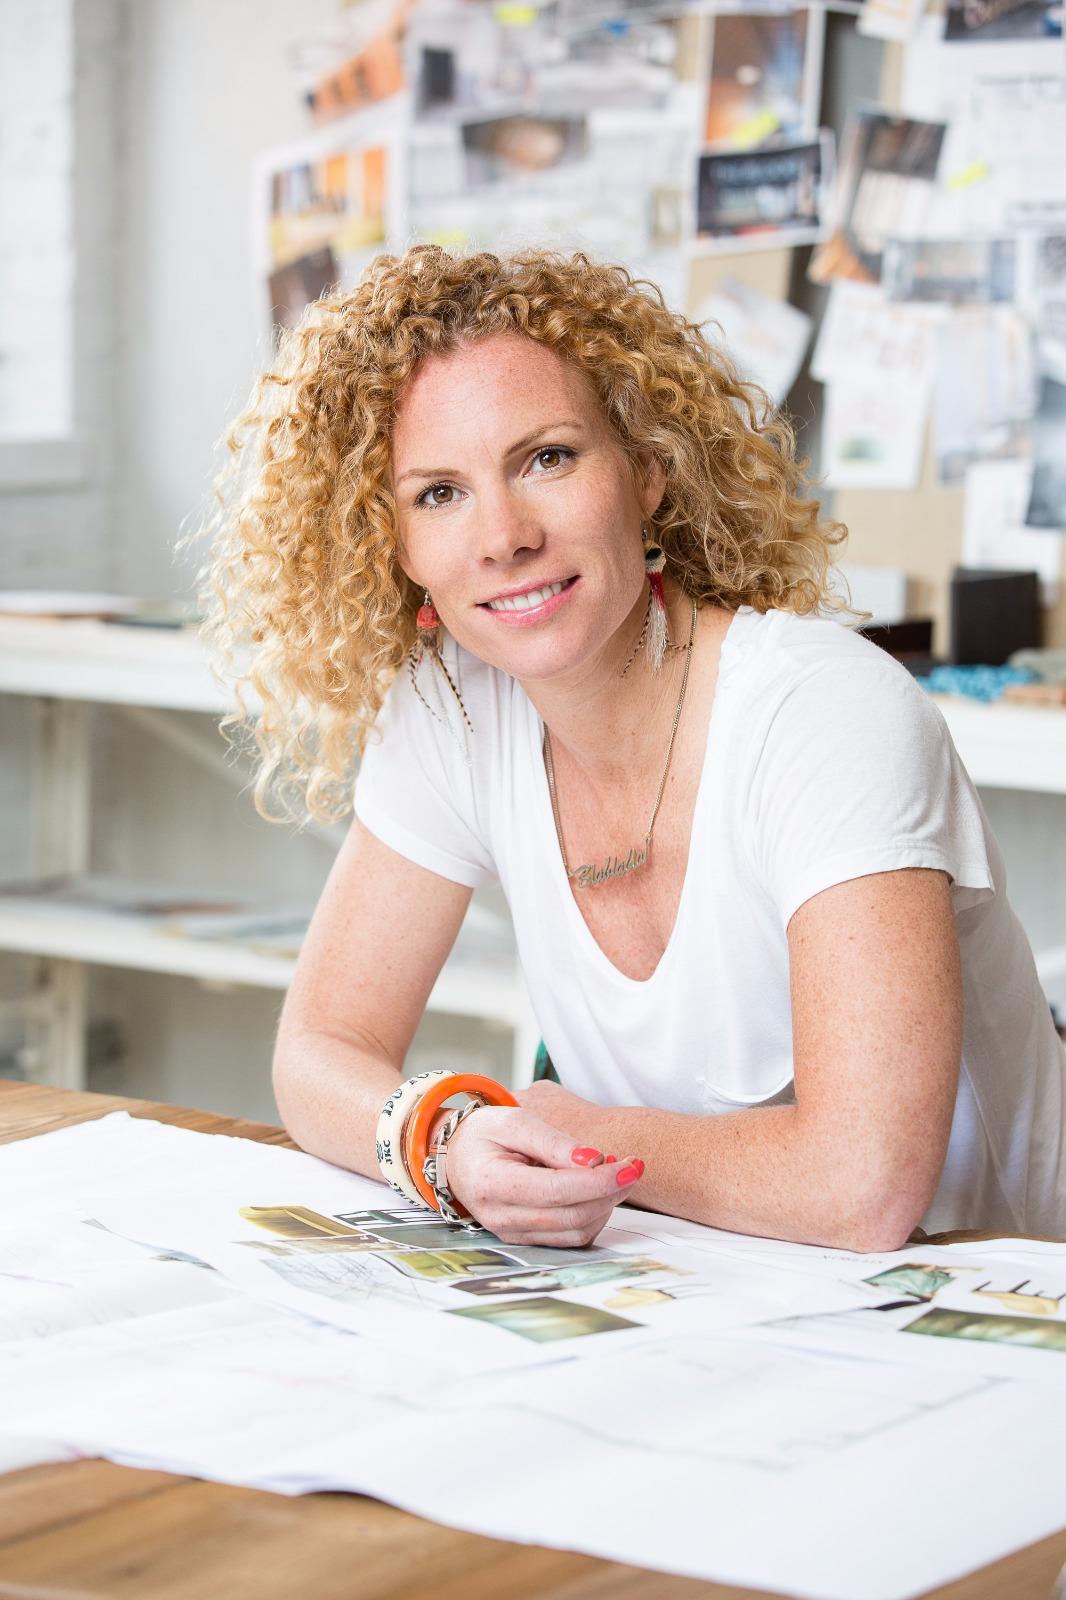 Karen Herold, Karen Herold Chicago, Studio K Chicago, Karen Herold Studio K Chicago, Studio K Creative, top interior designers, exclusive designers Chicago